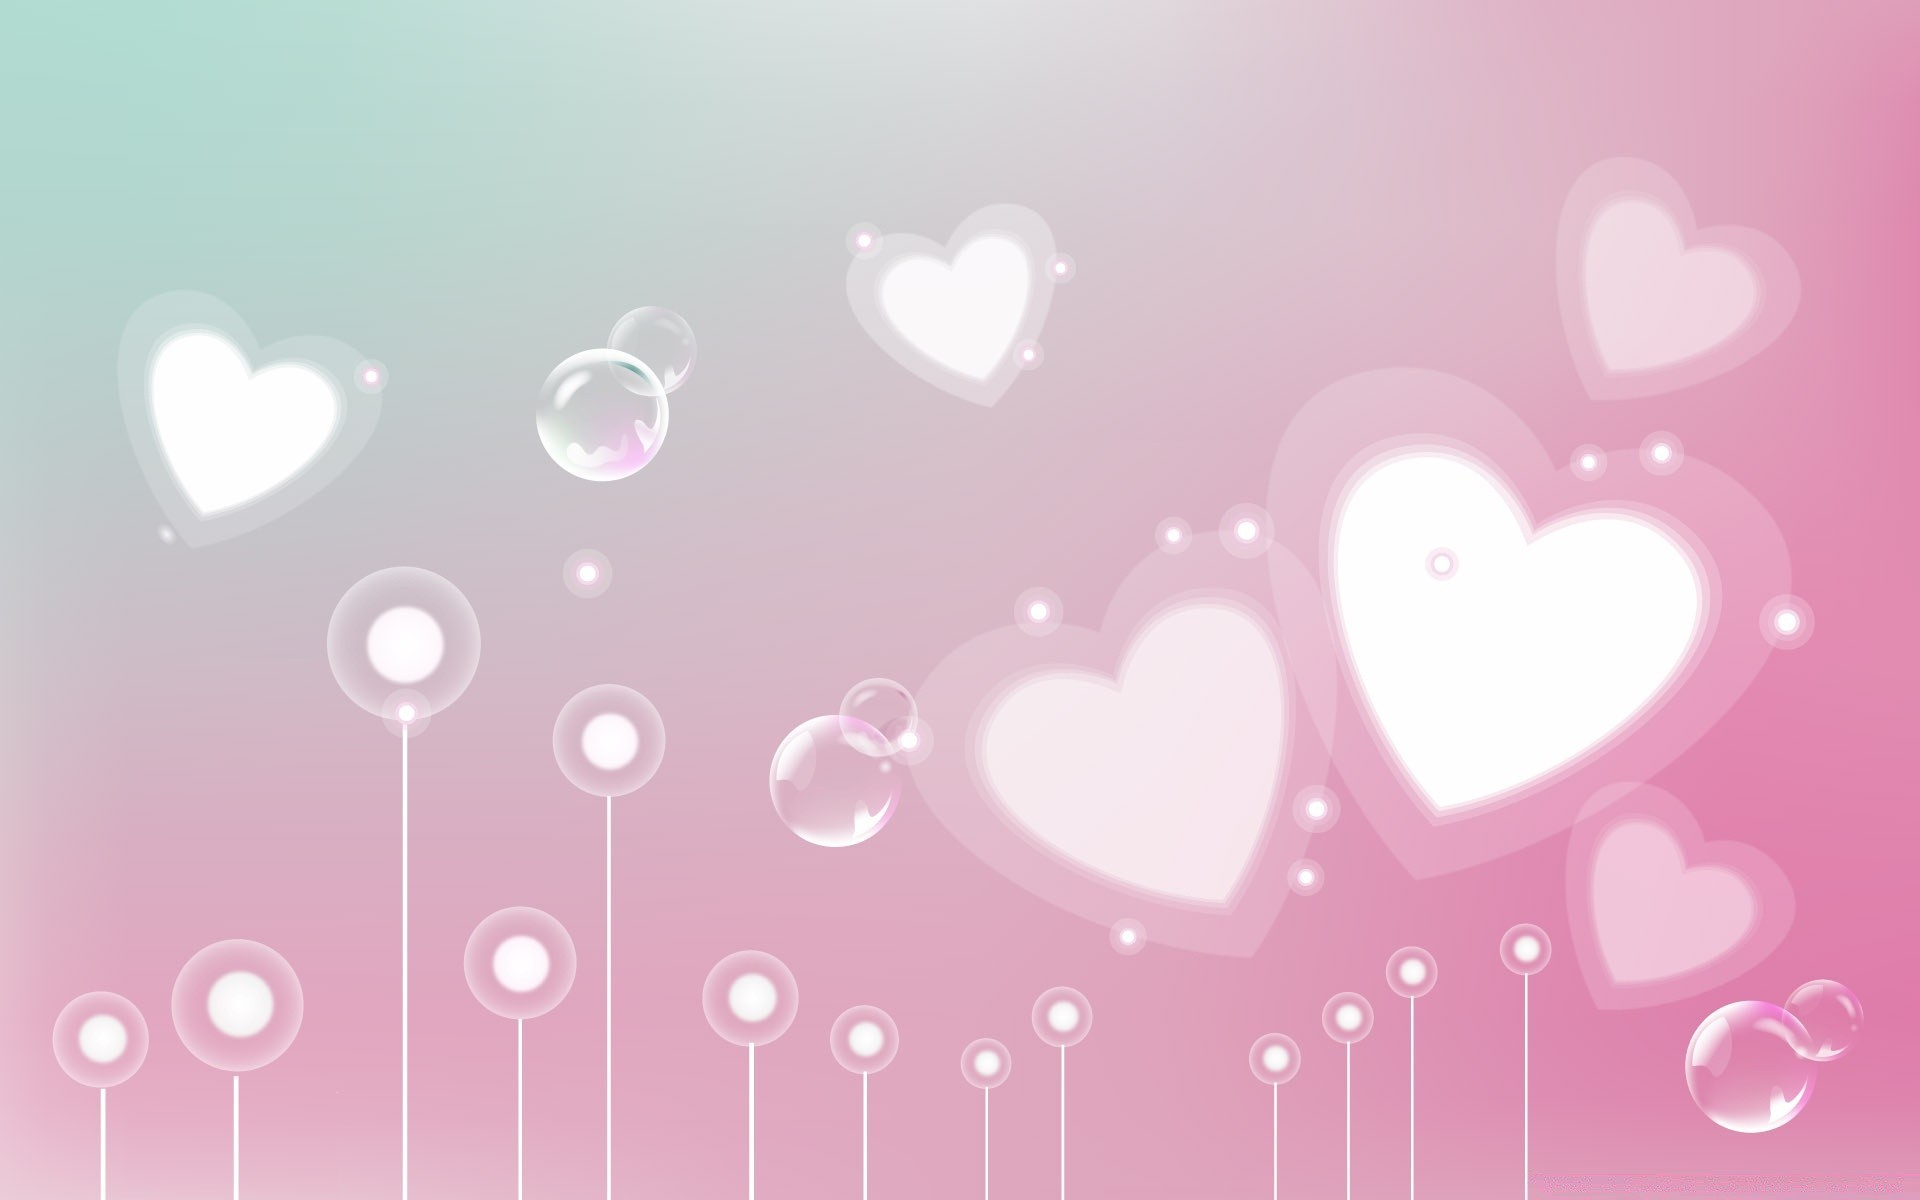 Картинки для фотошопа любовь романтика, смешные открытки животными